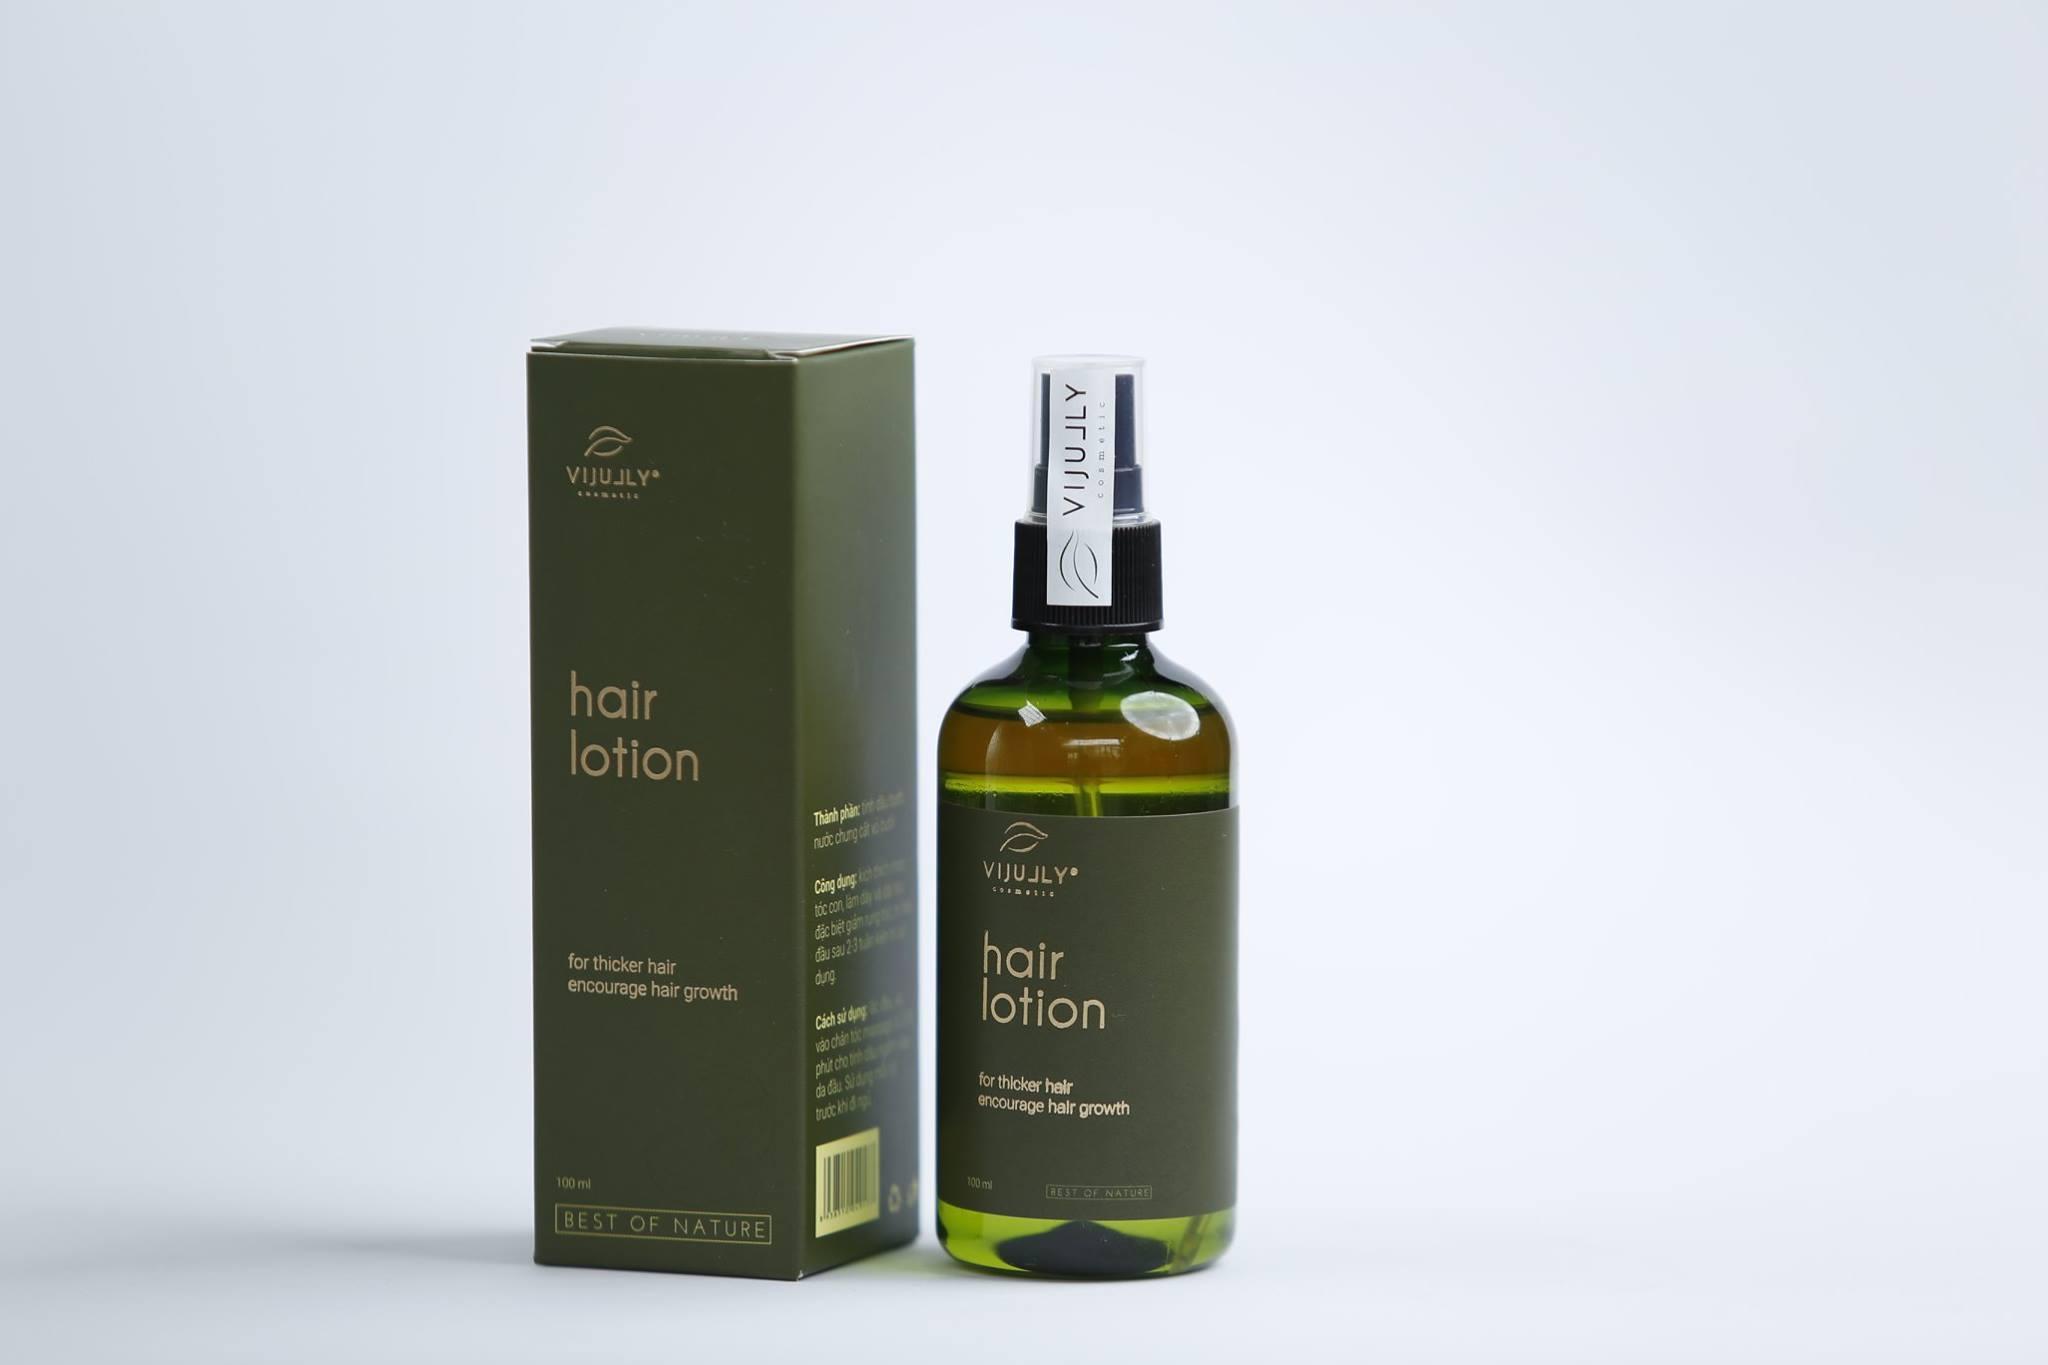 Tinh dầu bưởi trị rụng tóc - Kích thích mọc tóc - Làm dài tóc nhập khẩu